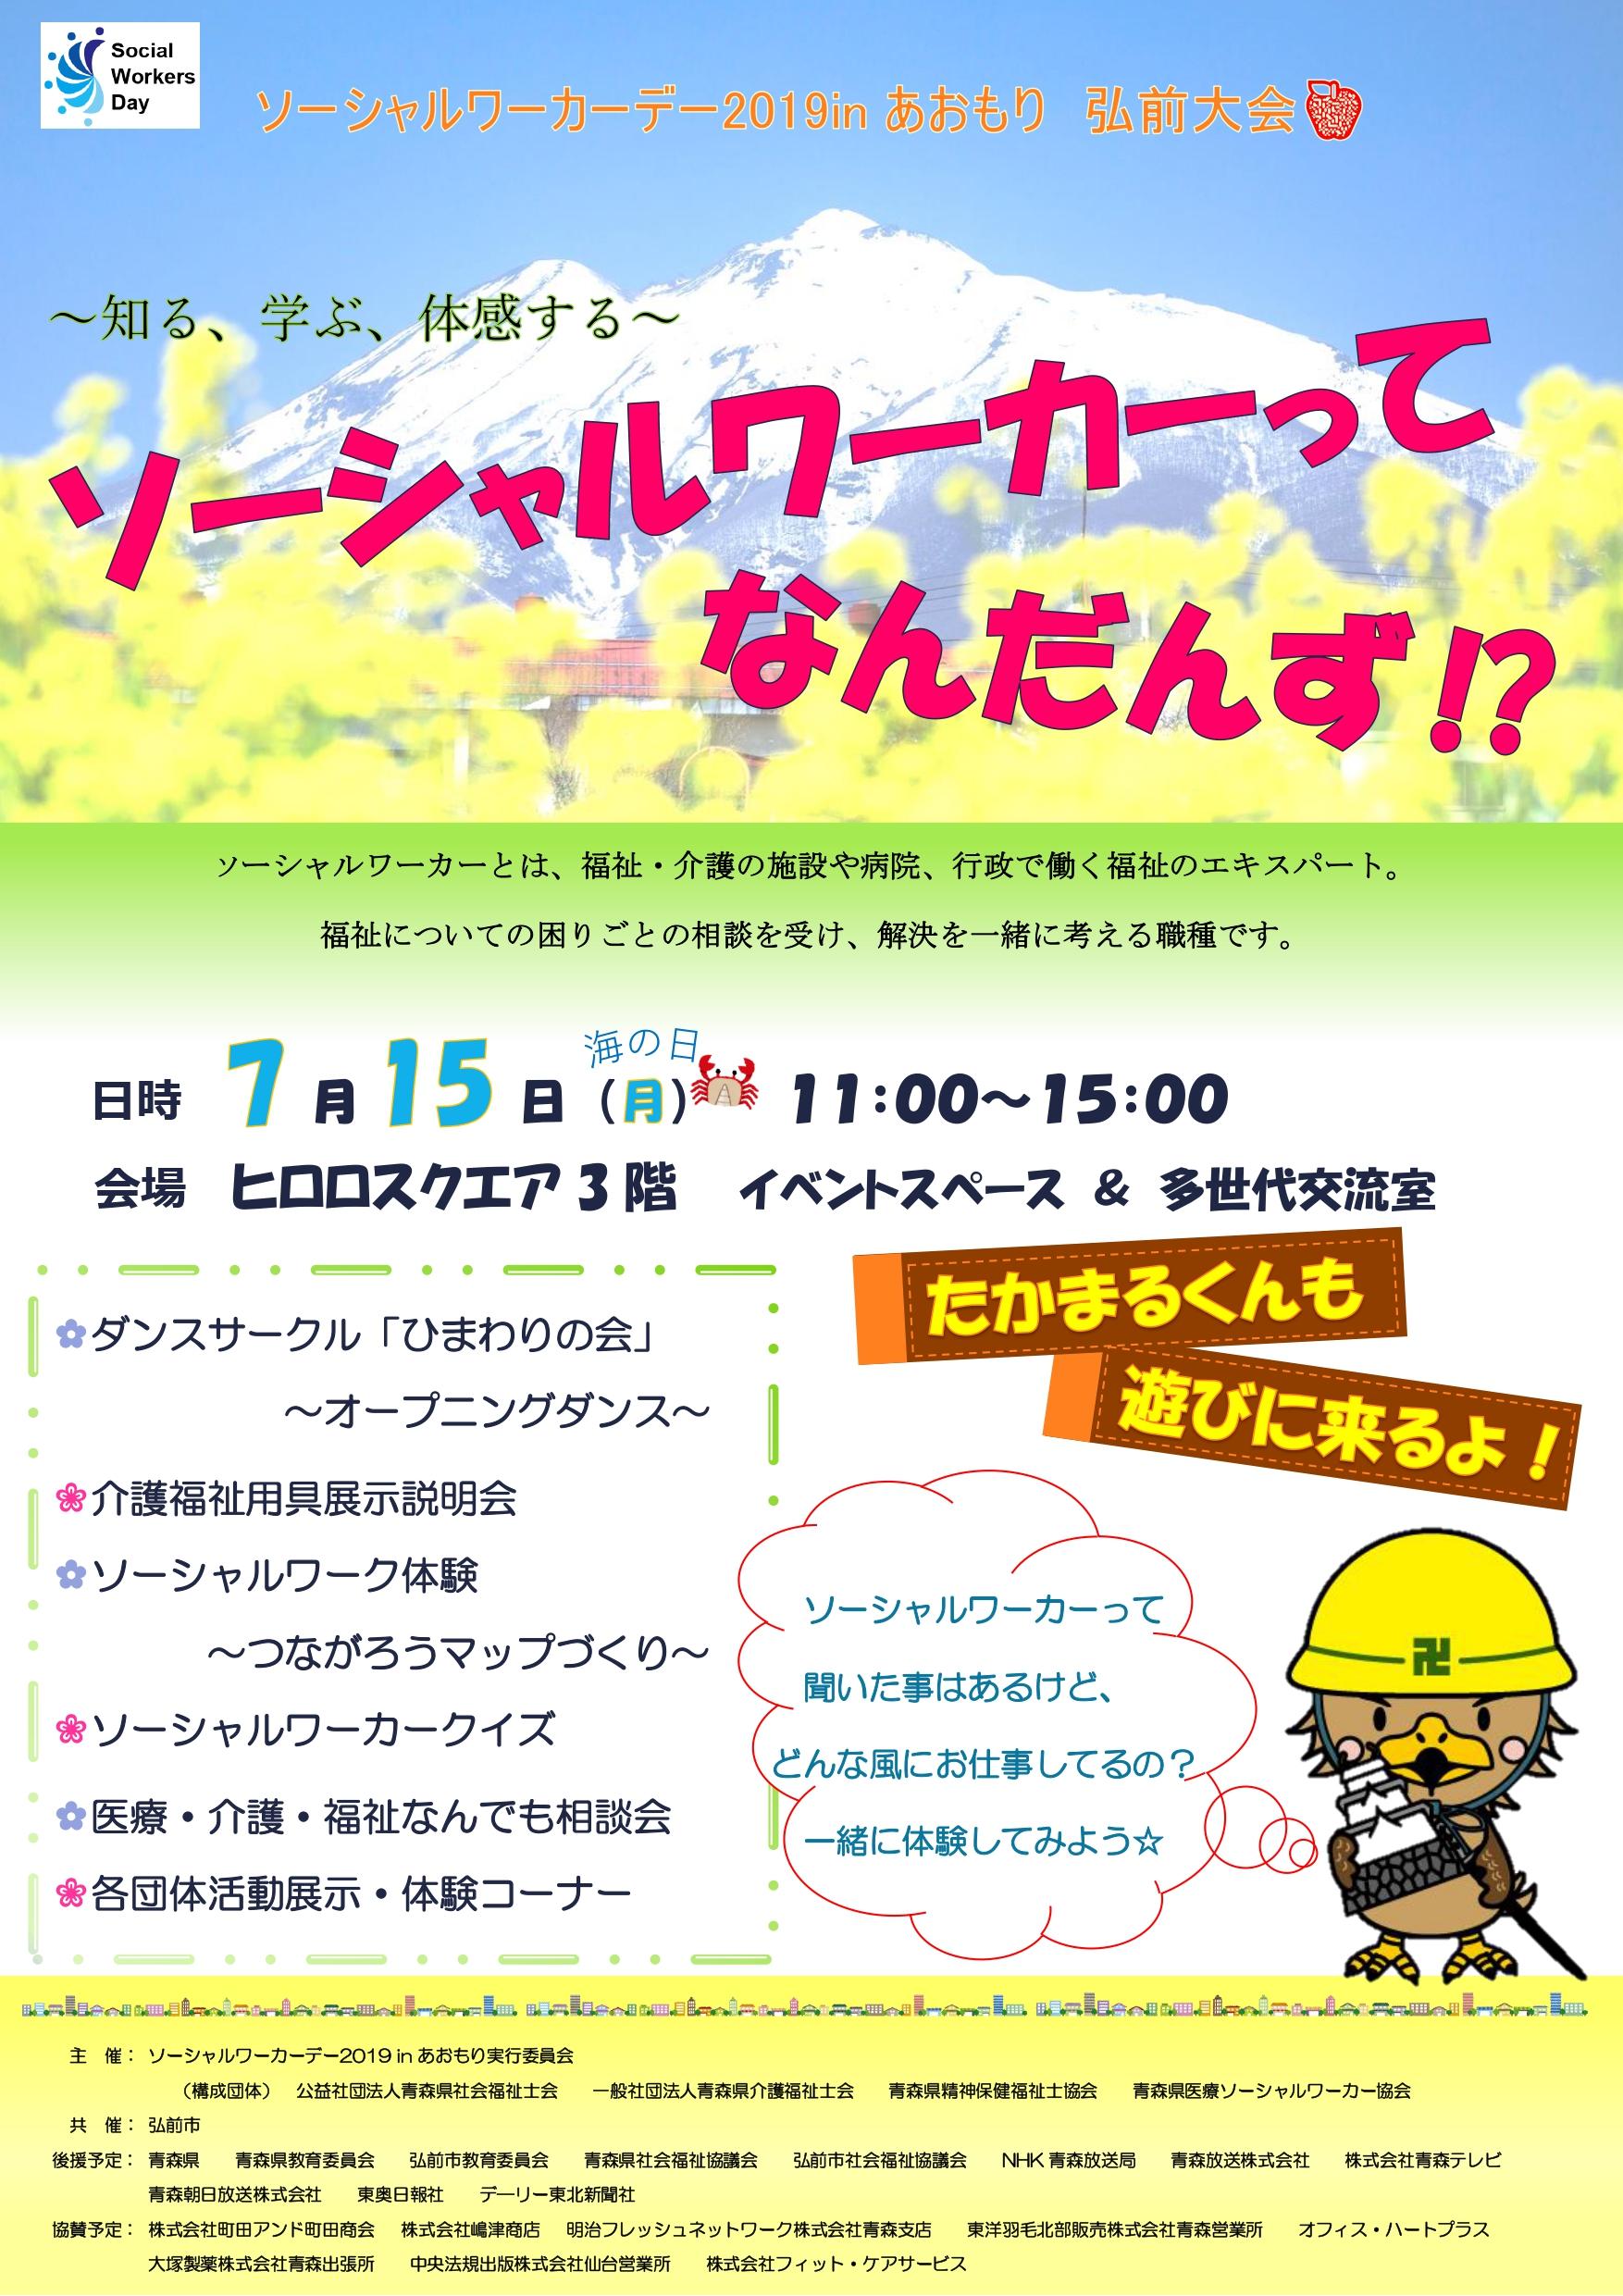 ソーシャルワーカーデー2019inあおもり 弘前大会